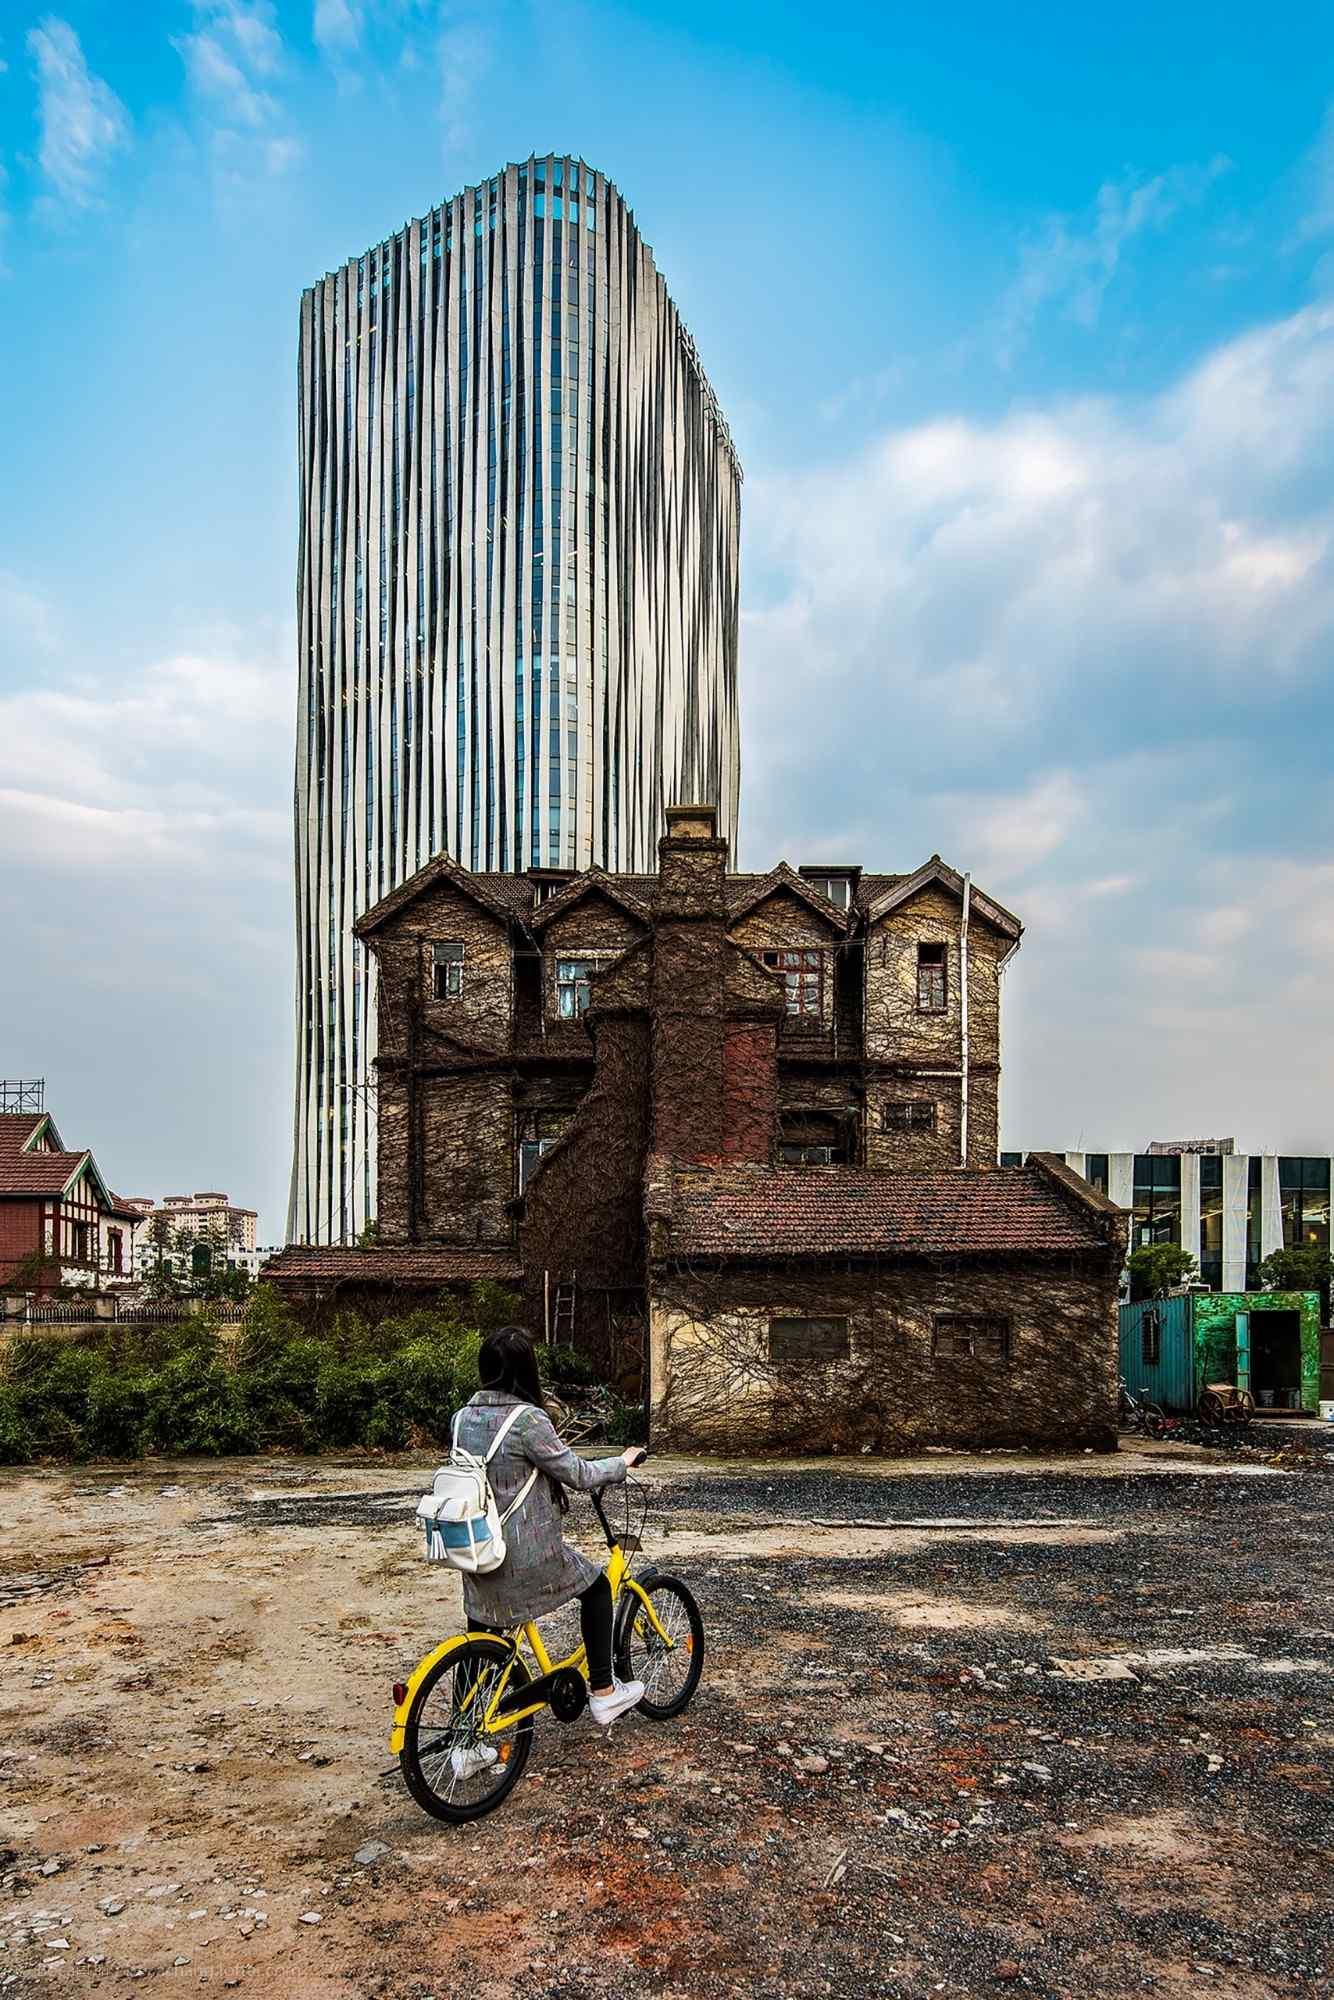 上海虹口高楼大厦与古建筑相呼应手机壁纸